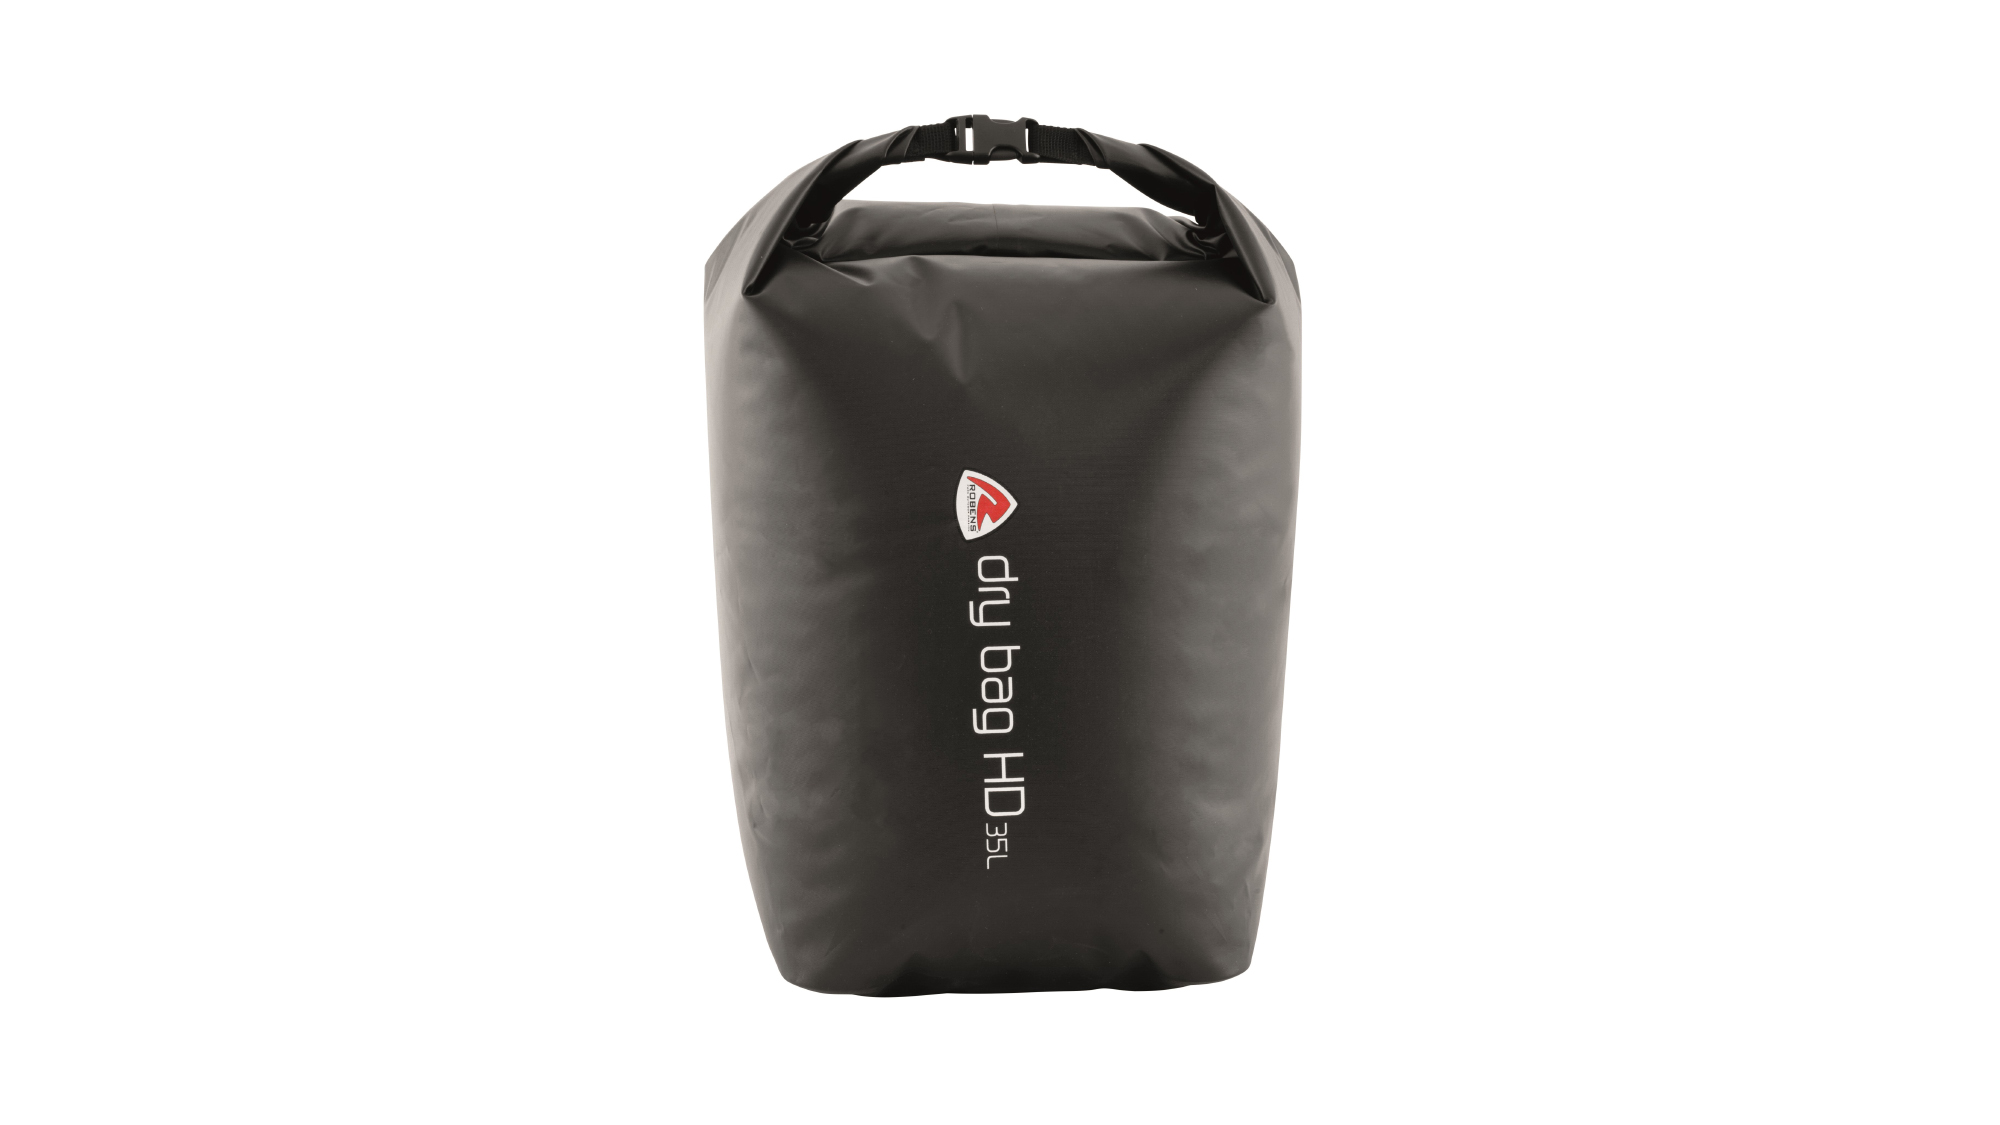 Robens - Vandtæt dry bag - 35 liter - Sort   Travel bags